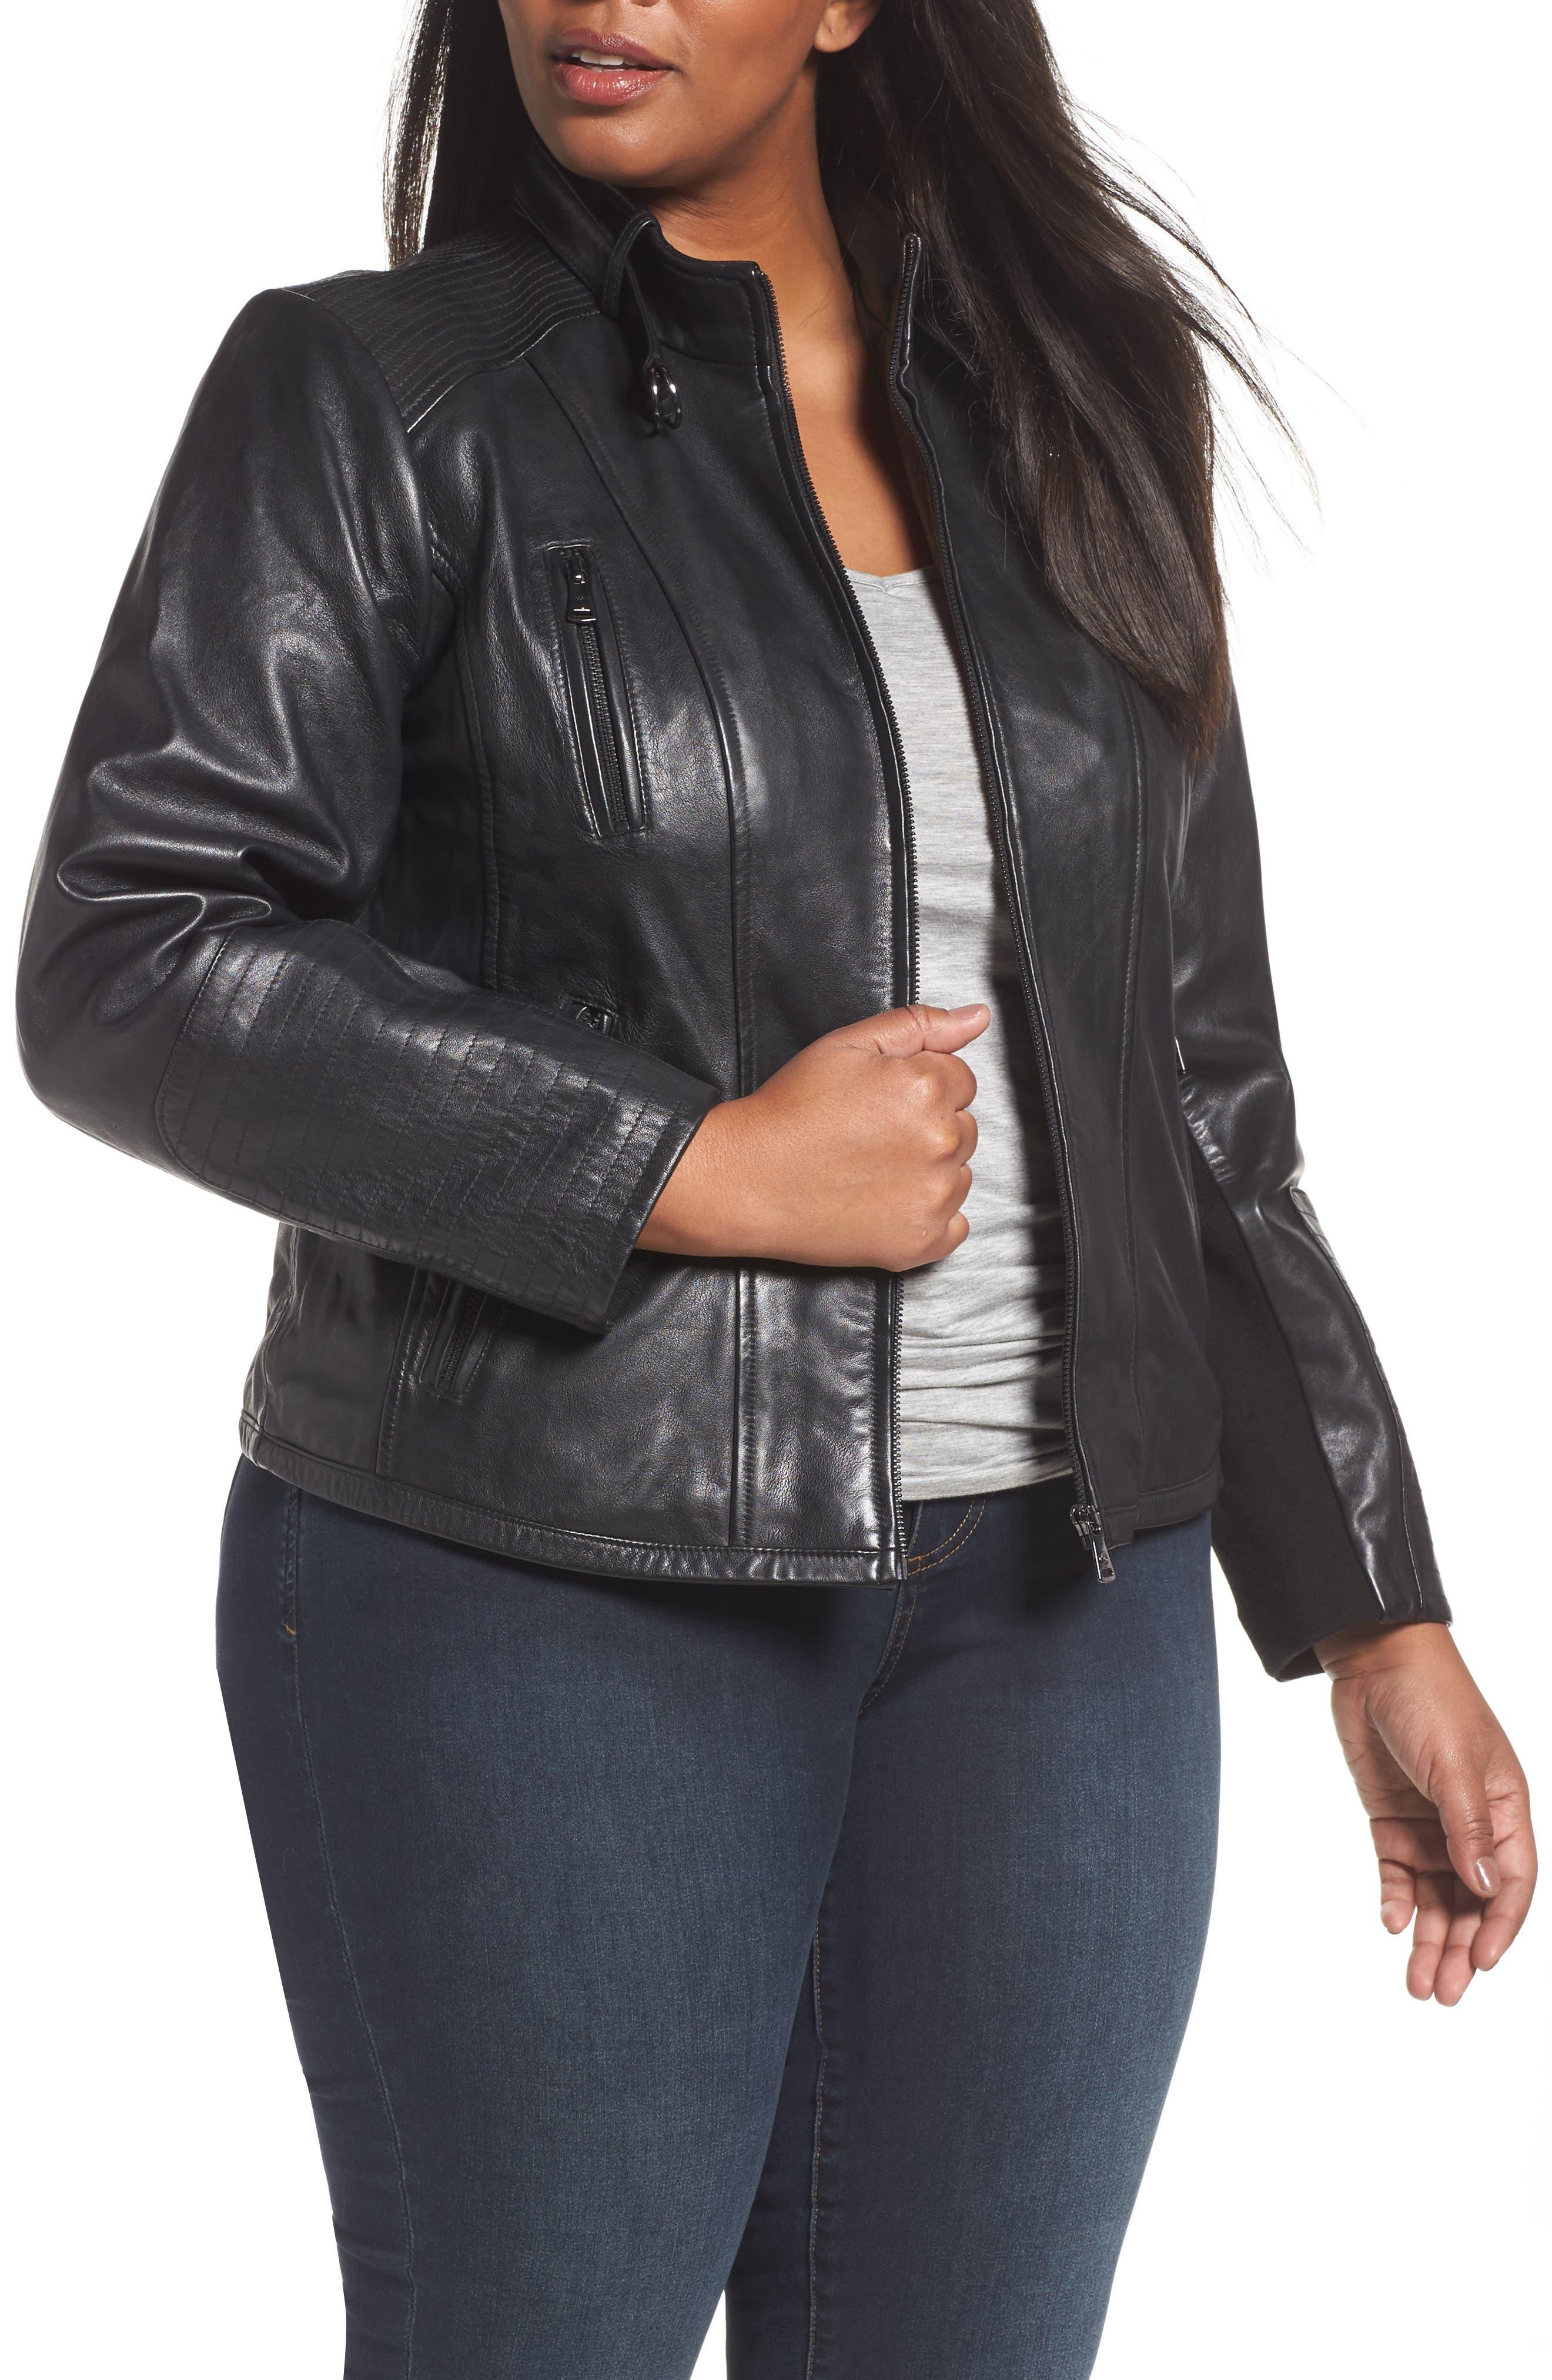 Alternate Image 1 Selected - Bernardo Leather Moto Jacket (Plus Size)